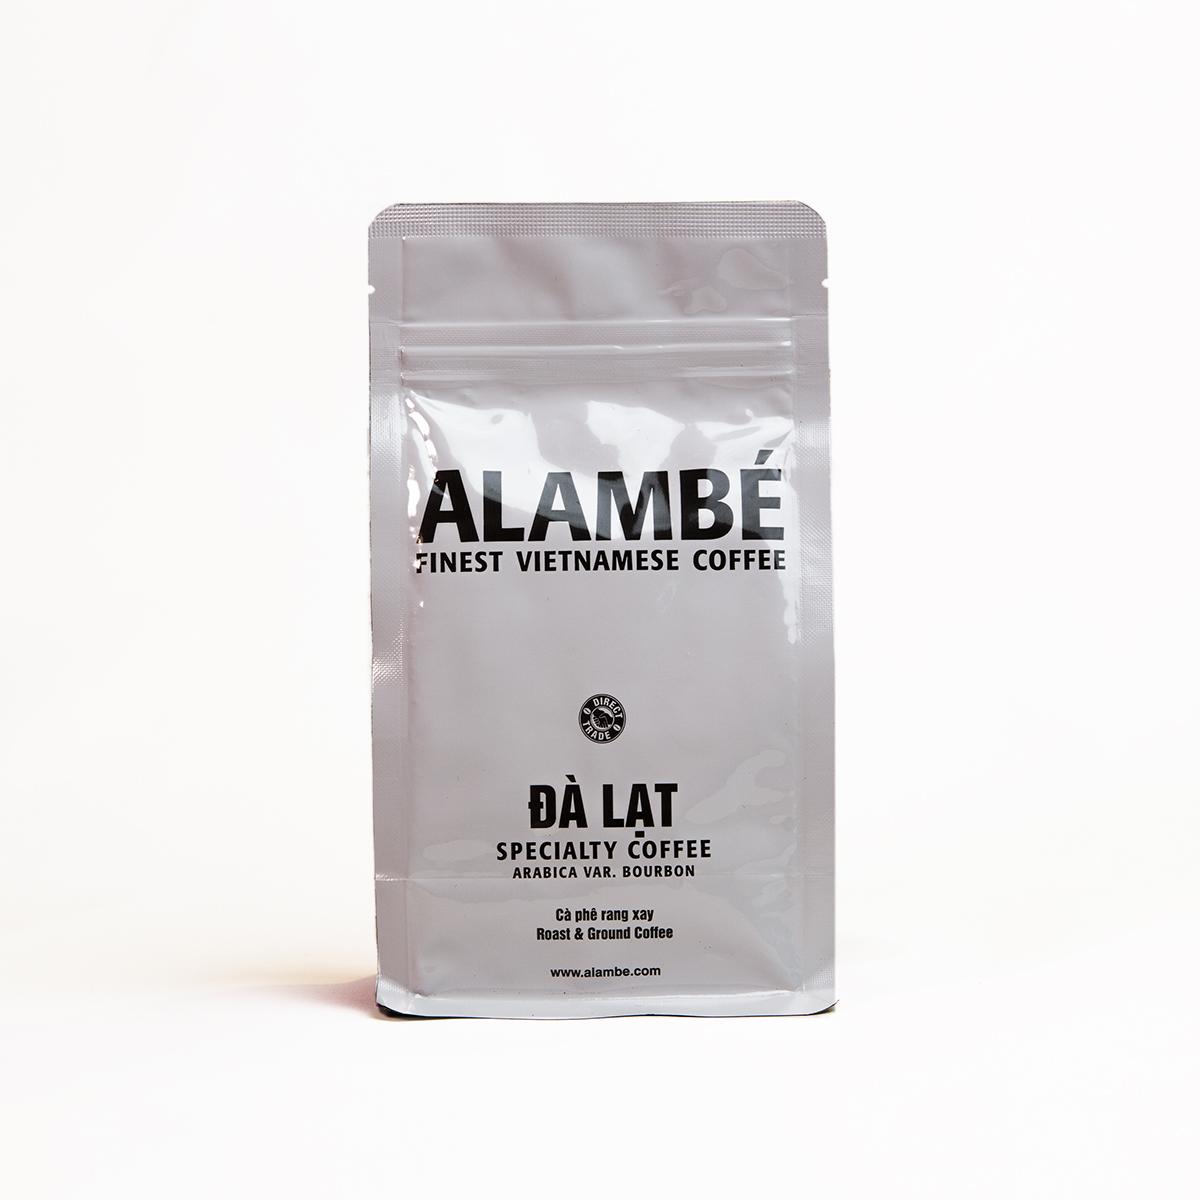 Cà phê rang xay đặc biệt Đà Lạt ALAMBÉ 230g